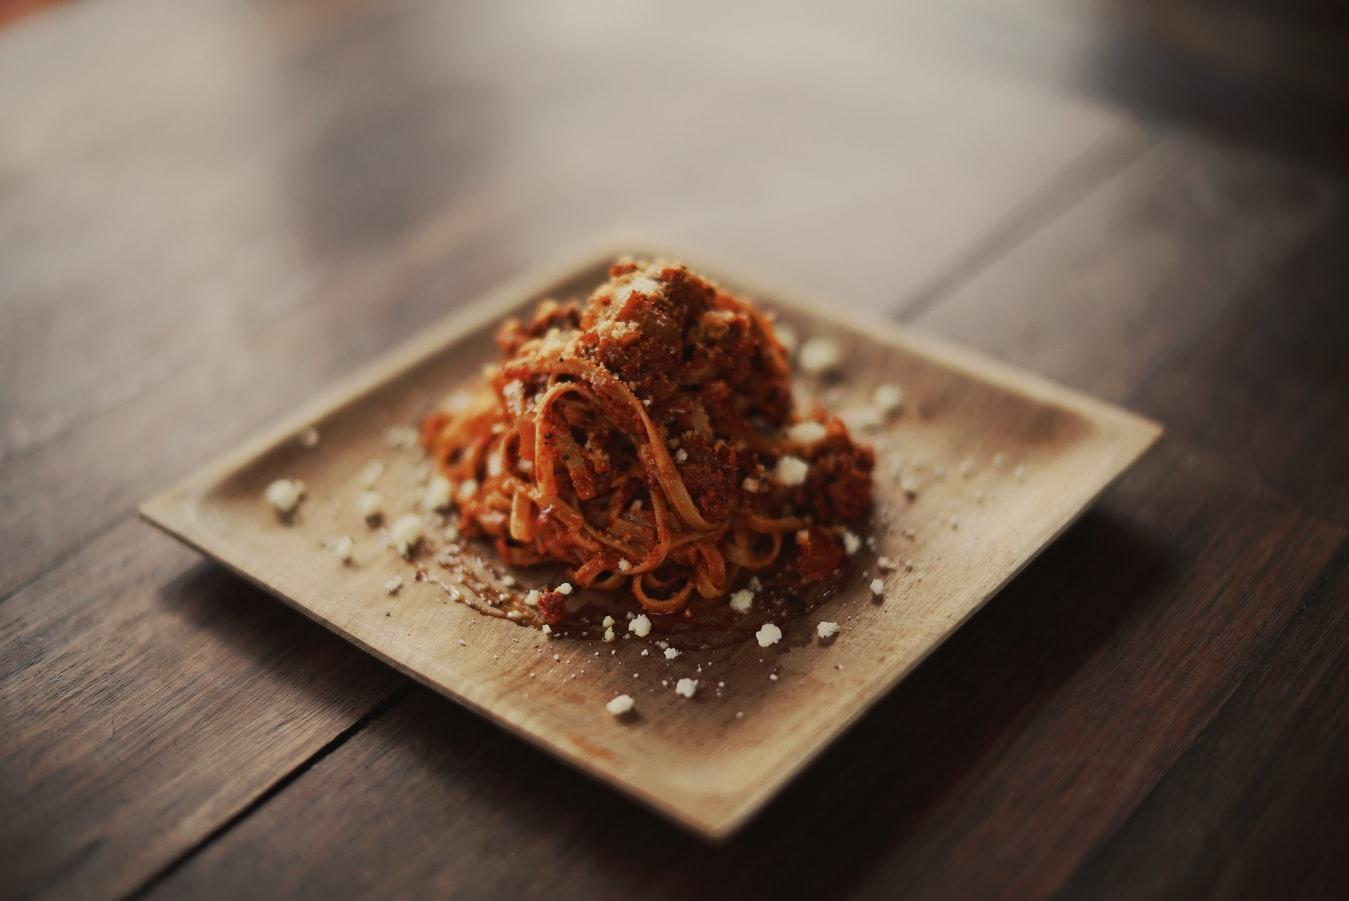 เมนูสปาเก็ตตี้ก็เข้ากับอาหารตามสั่ง แนะนำเมนูประหยัดกับ foodpanda online